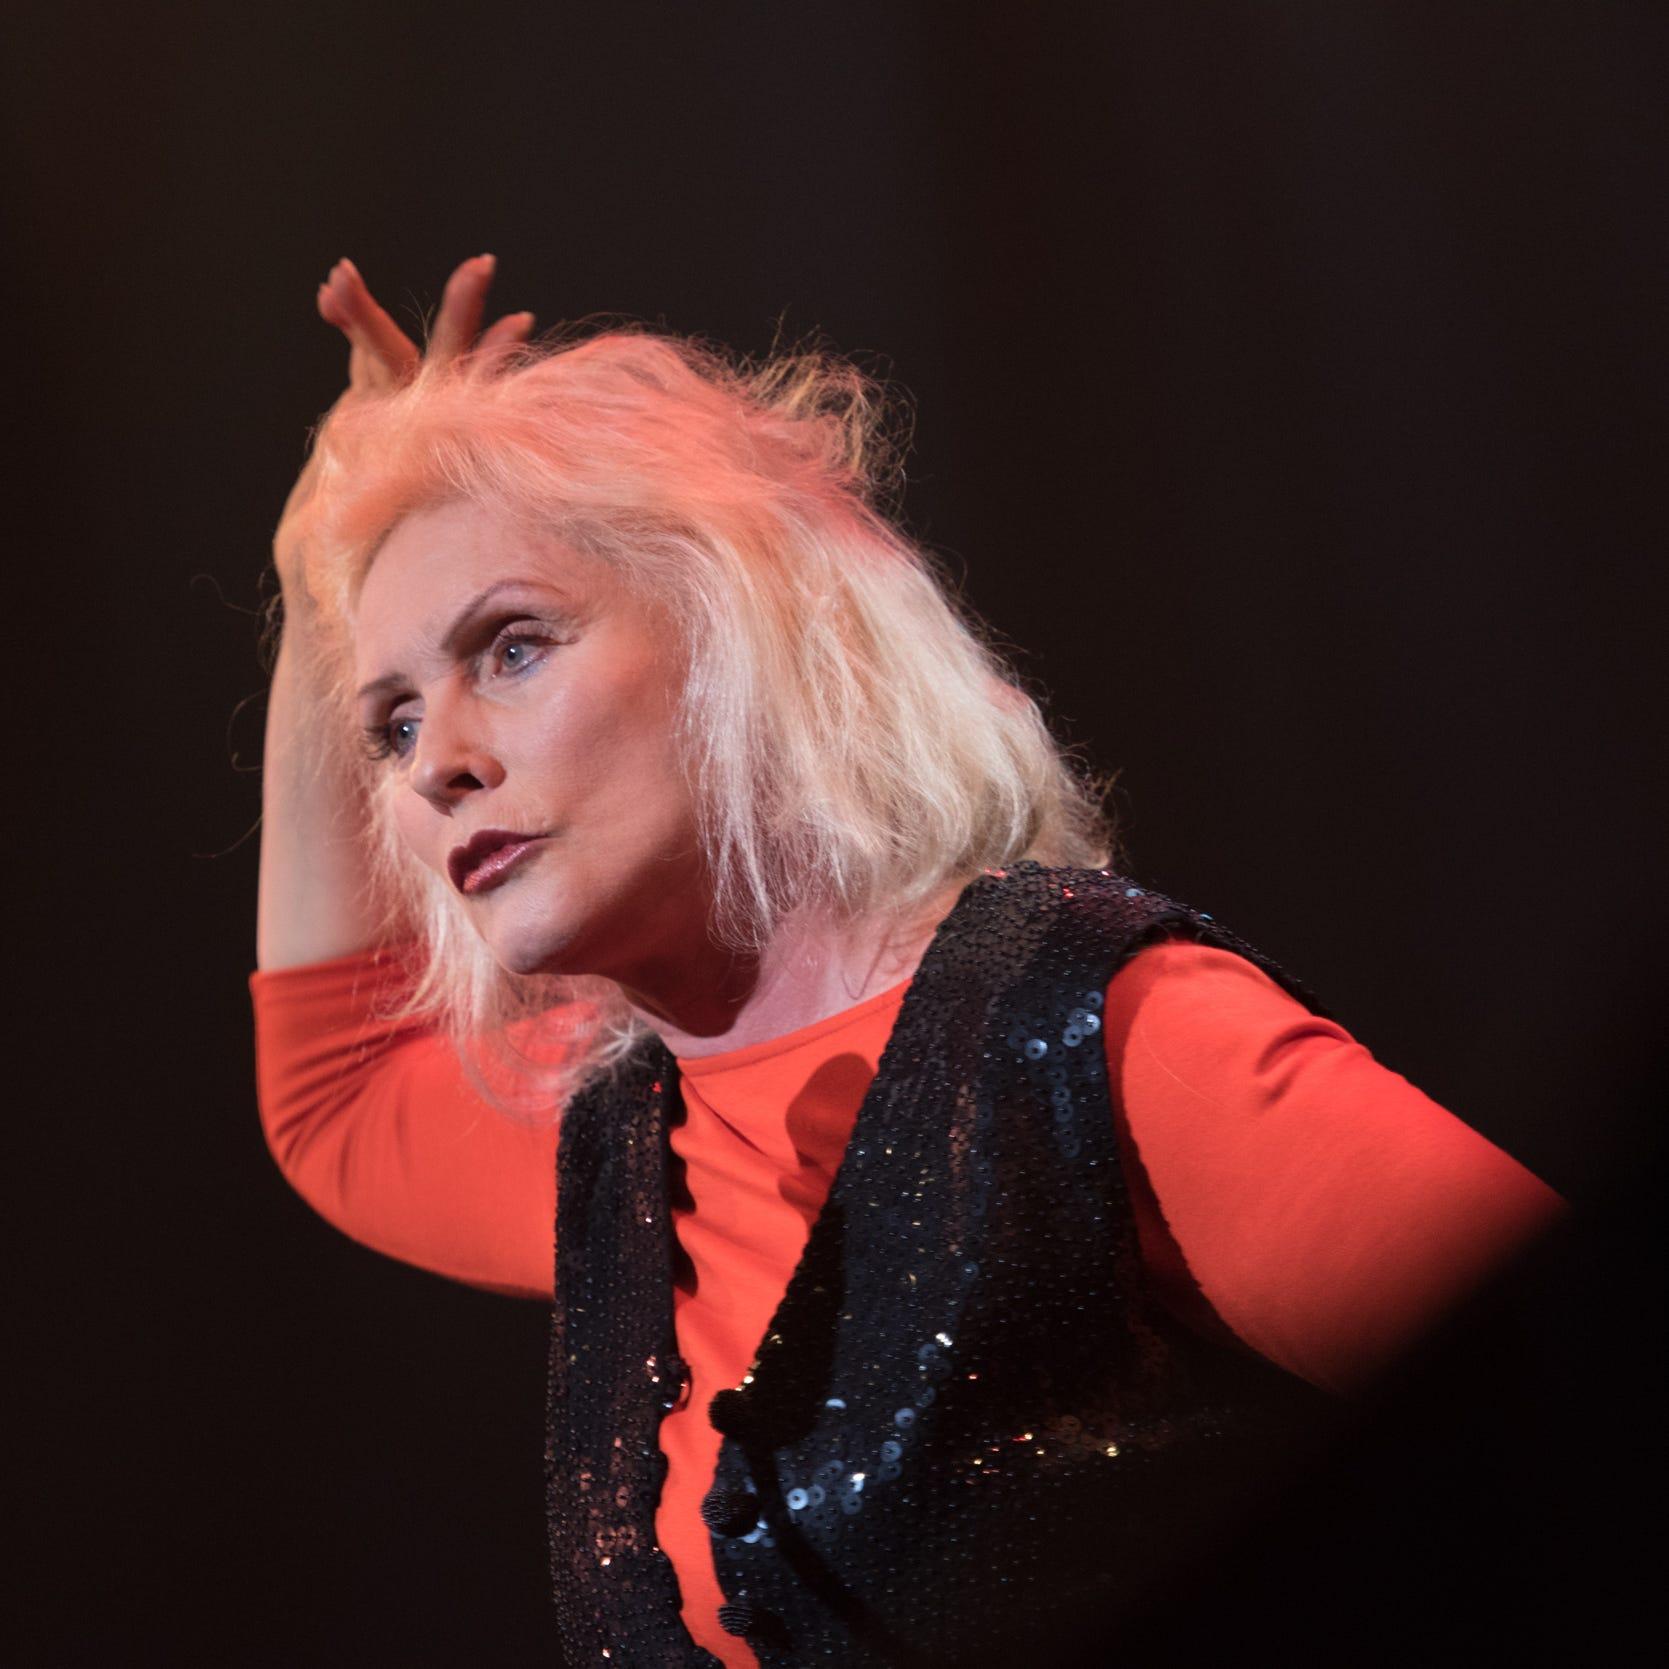 Blondie headlining Basie Center summer gala